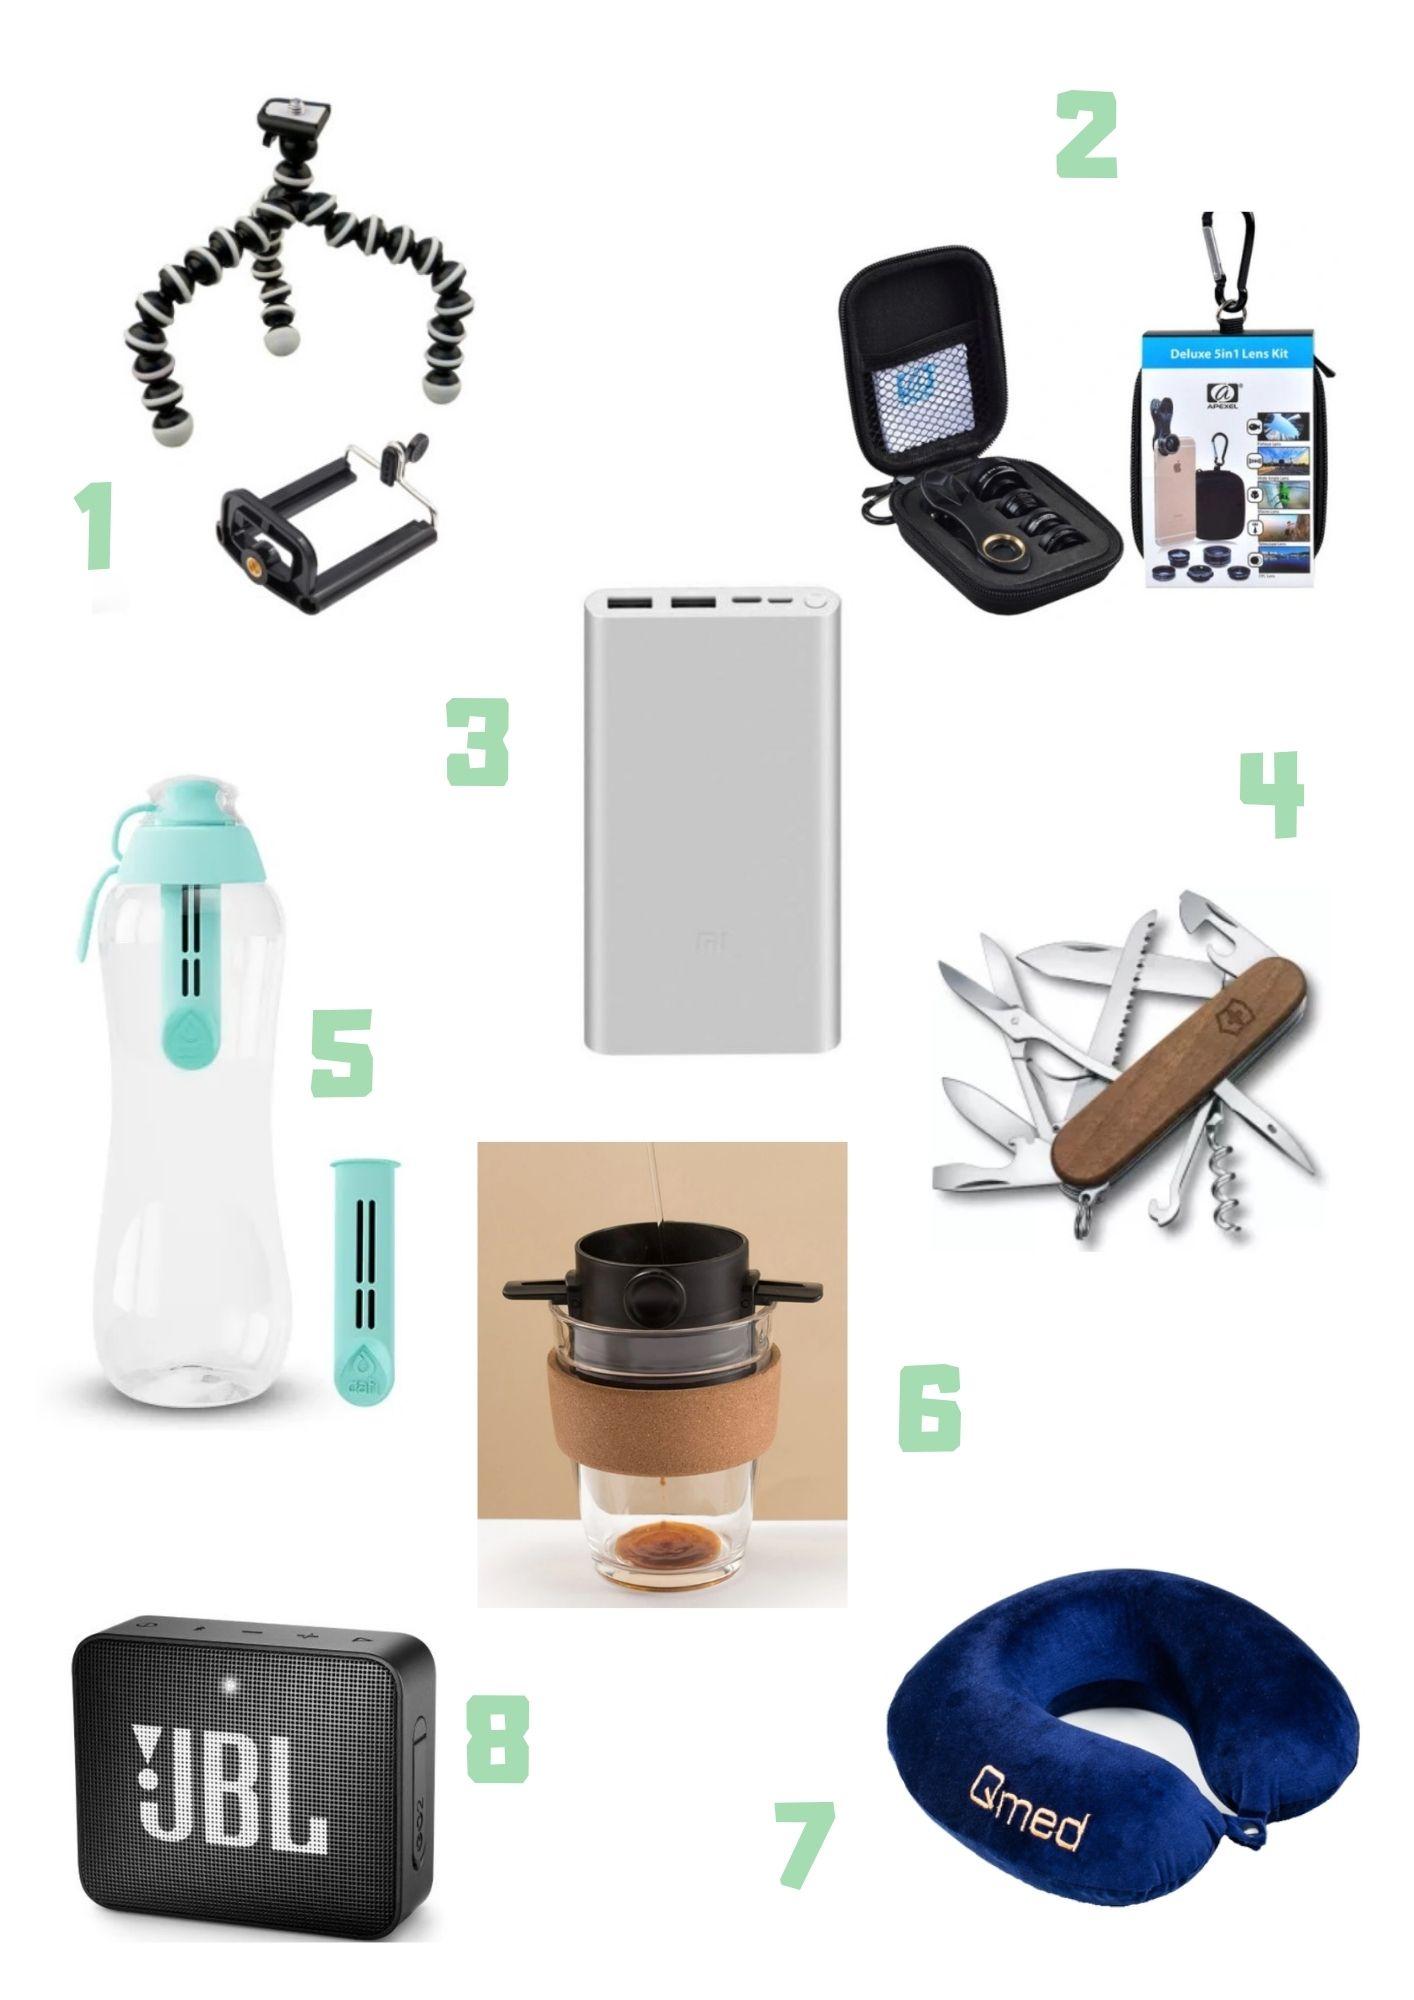 prezenty świąteczne, gadżety, technologie, prezenty na święta